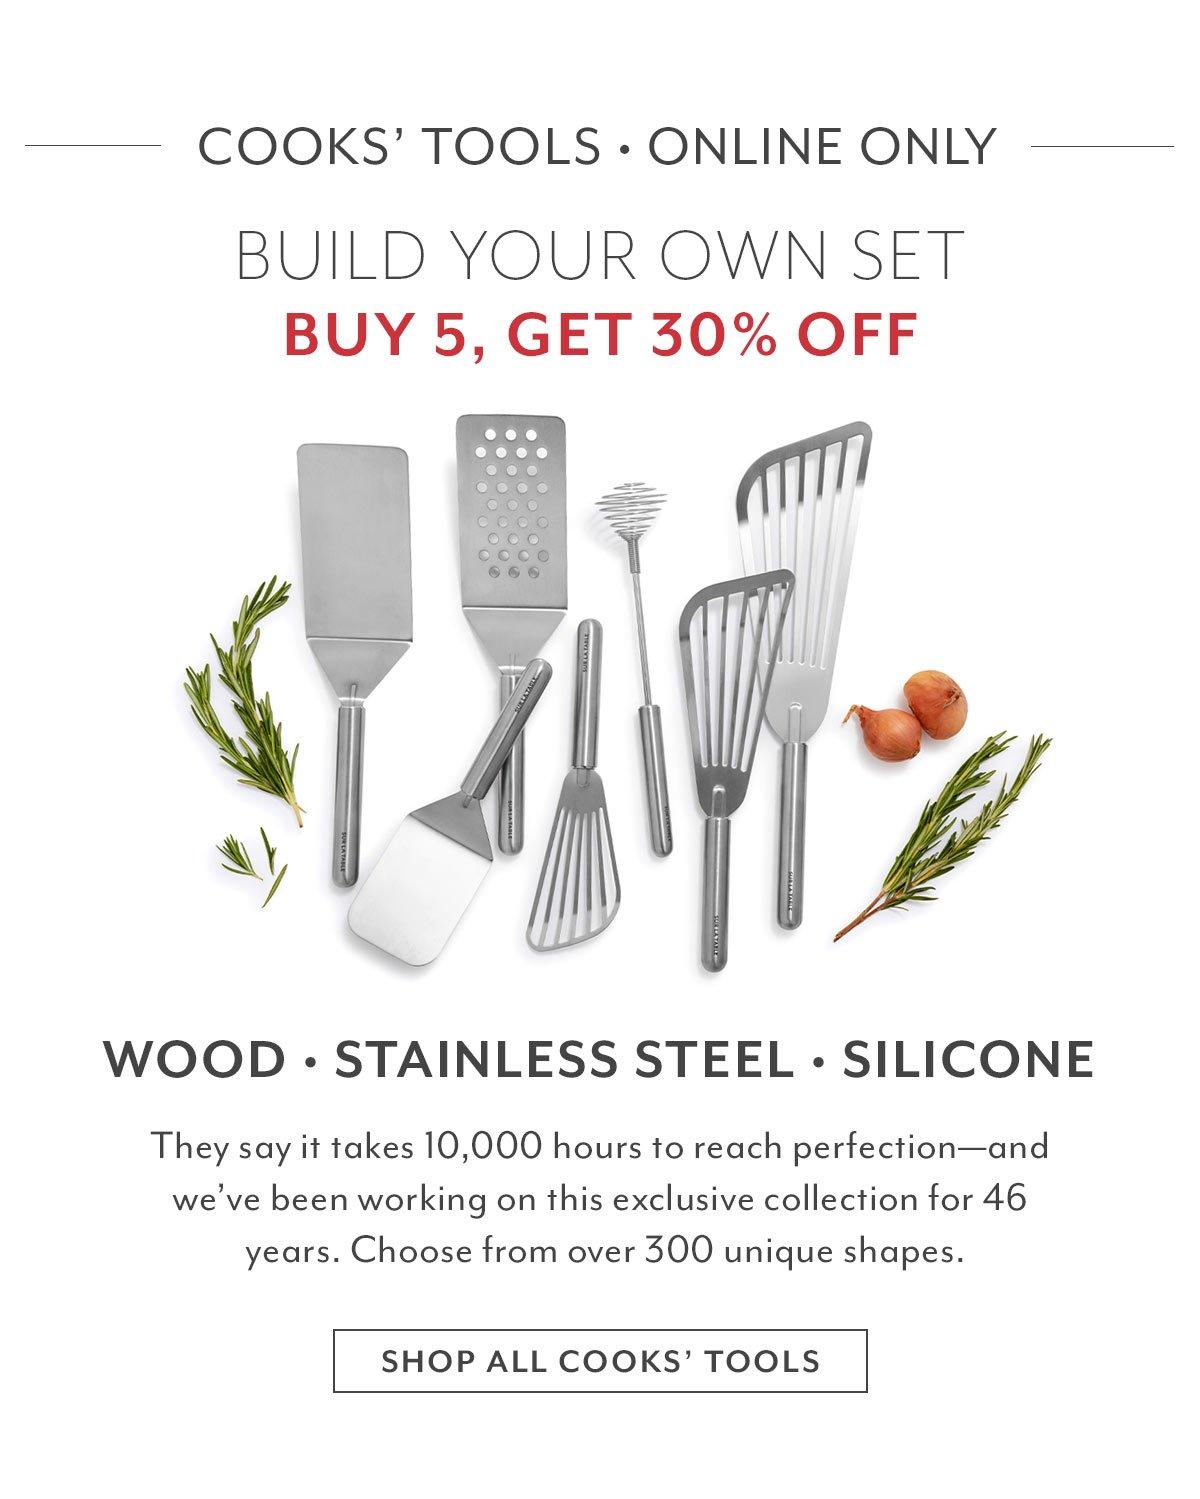 Sur La Table Cooks' Tools: Buy 5, Get 30% off